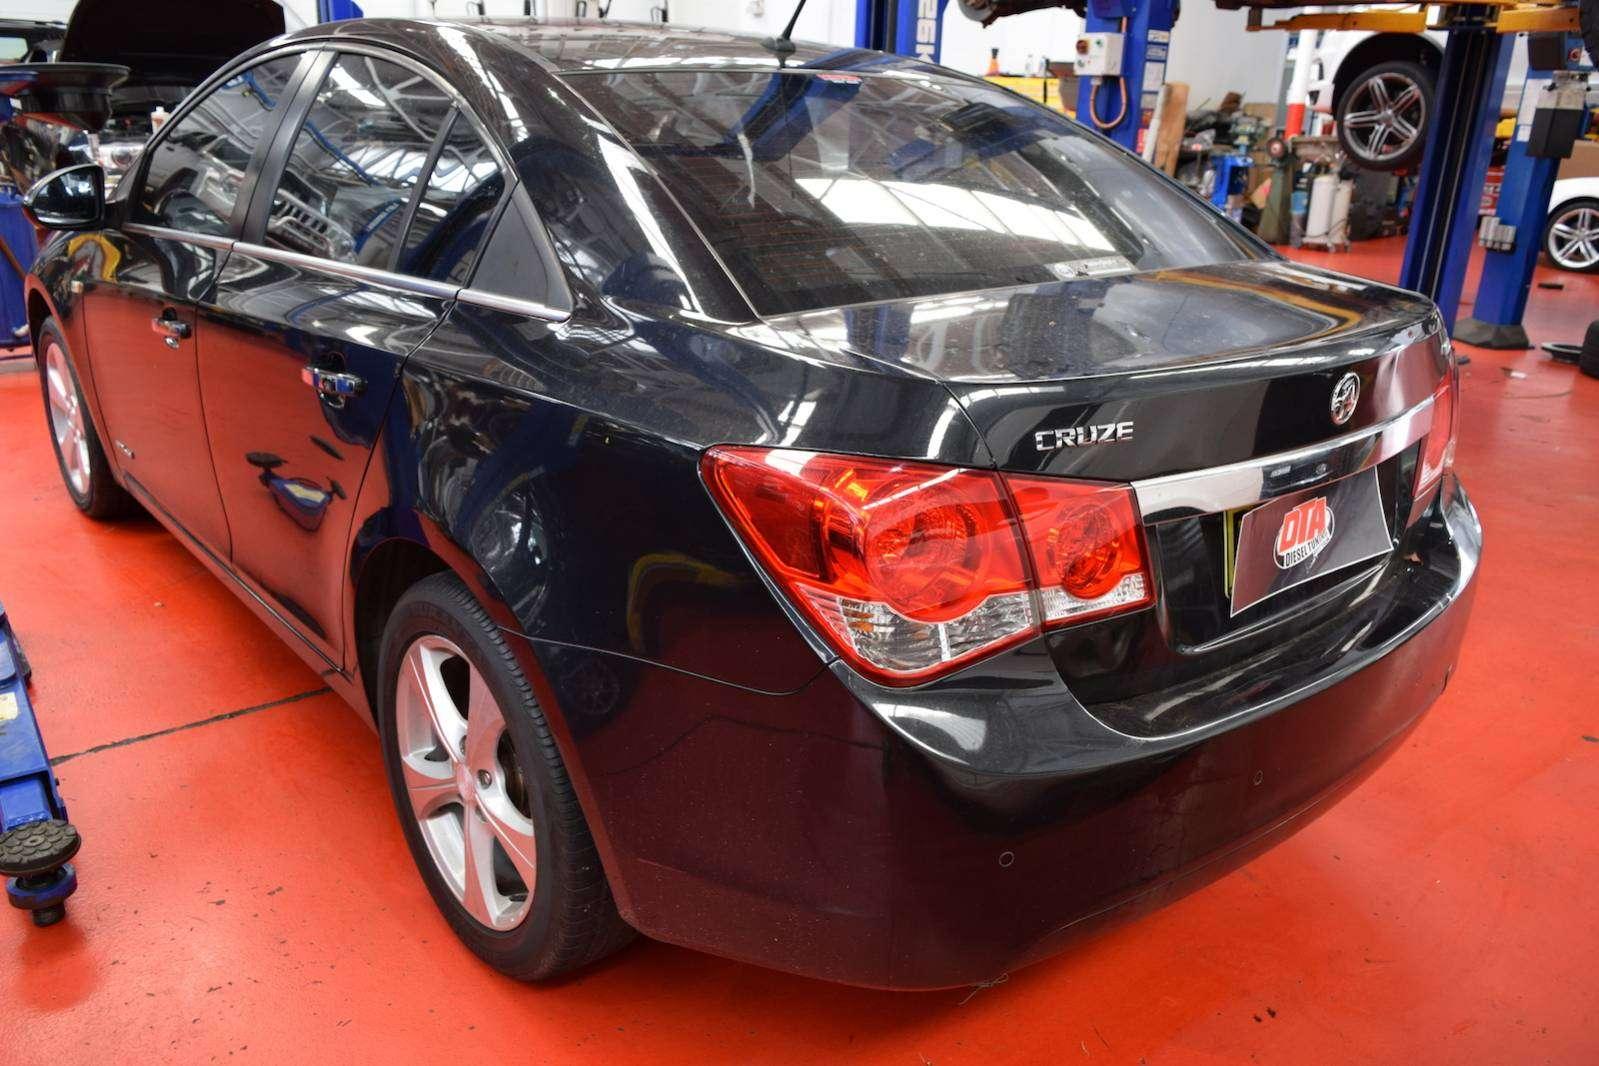 Holden Cruze 2 0L 120 kW ECU REMAP - Diesel tuning specialist